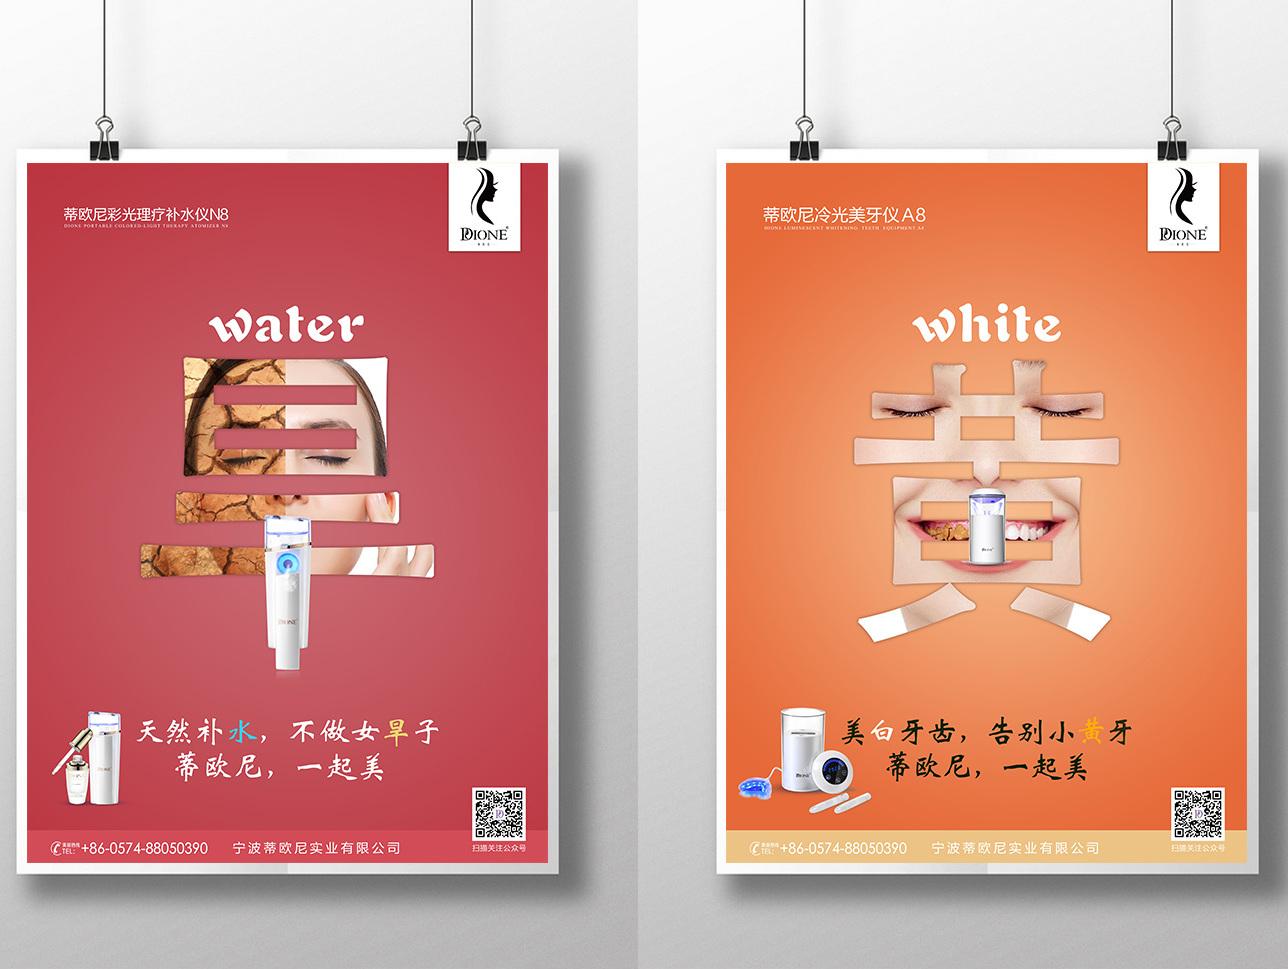 电梯广告画面-文字创意稿